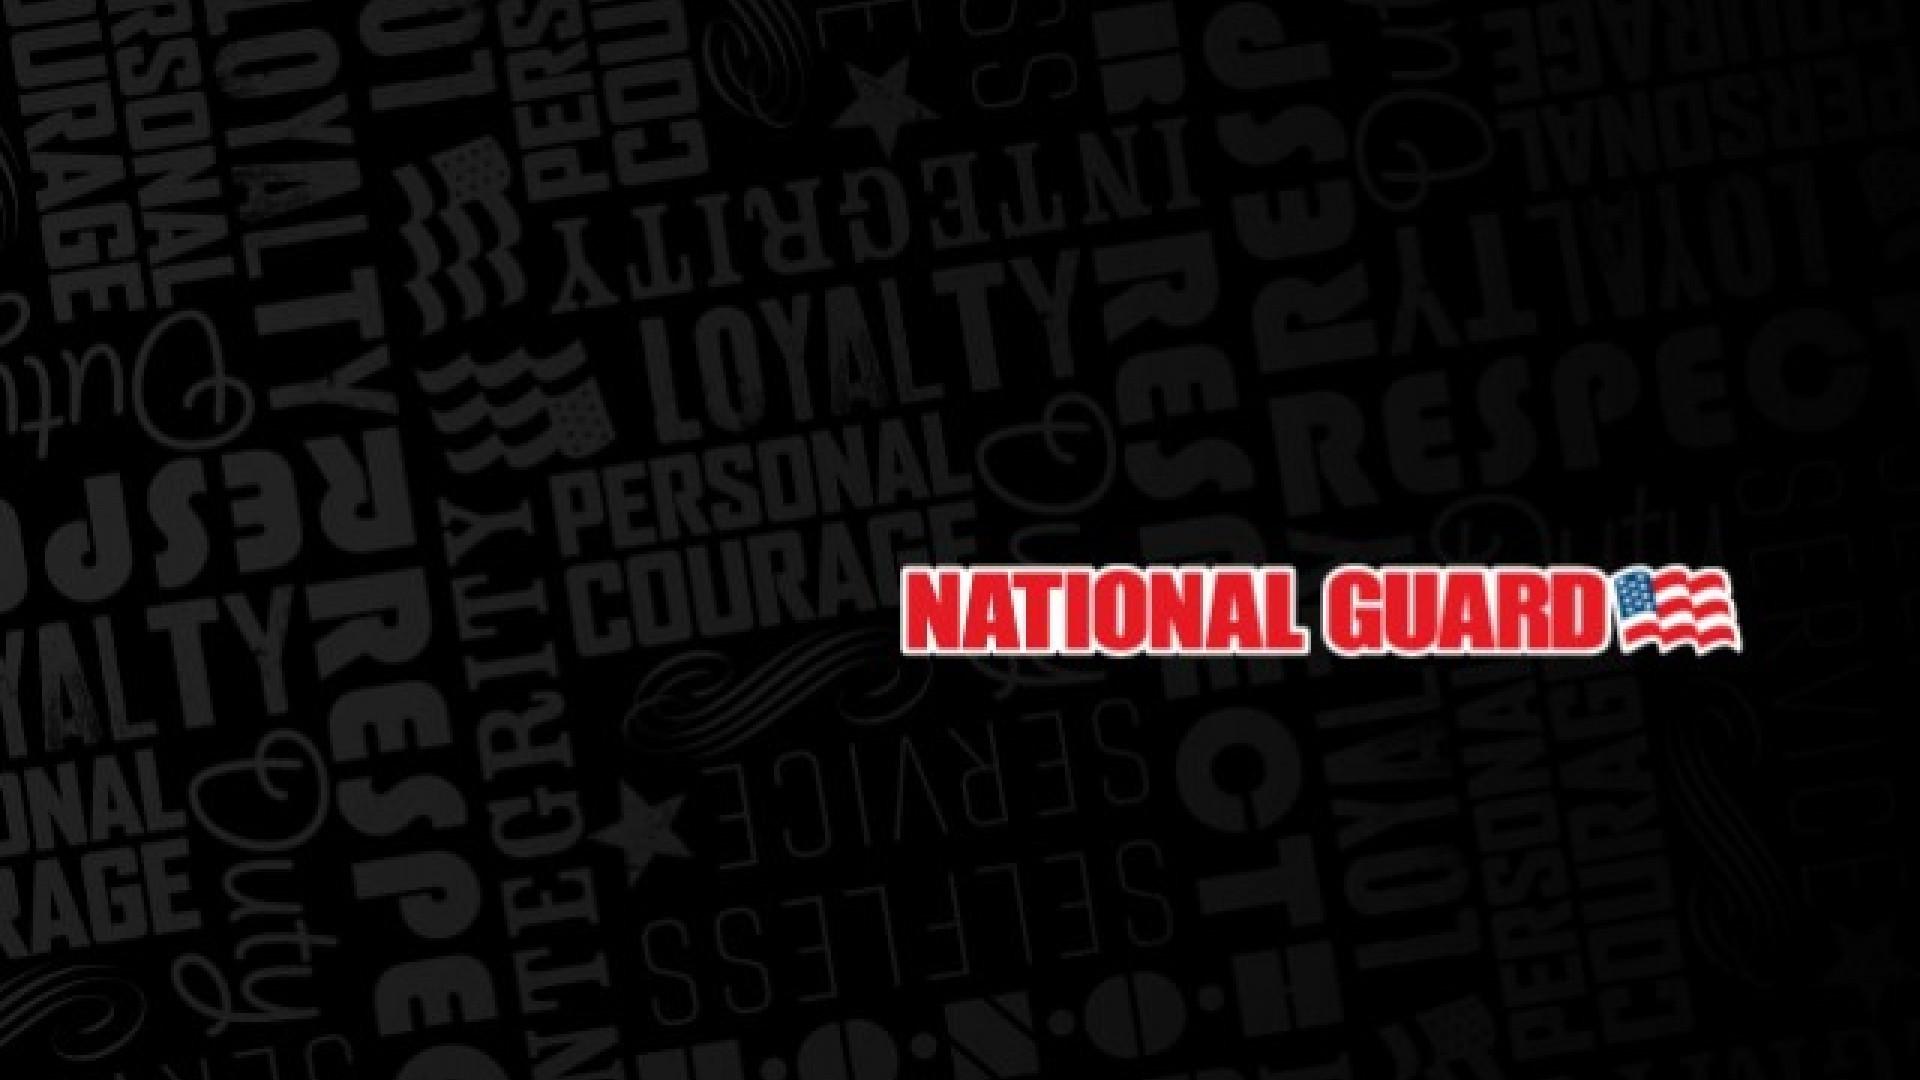 Imperial Guard Wallpaper 1920x1080